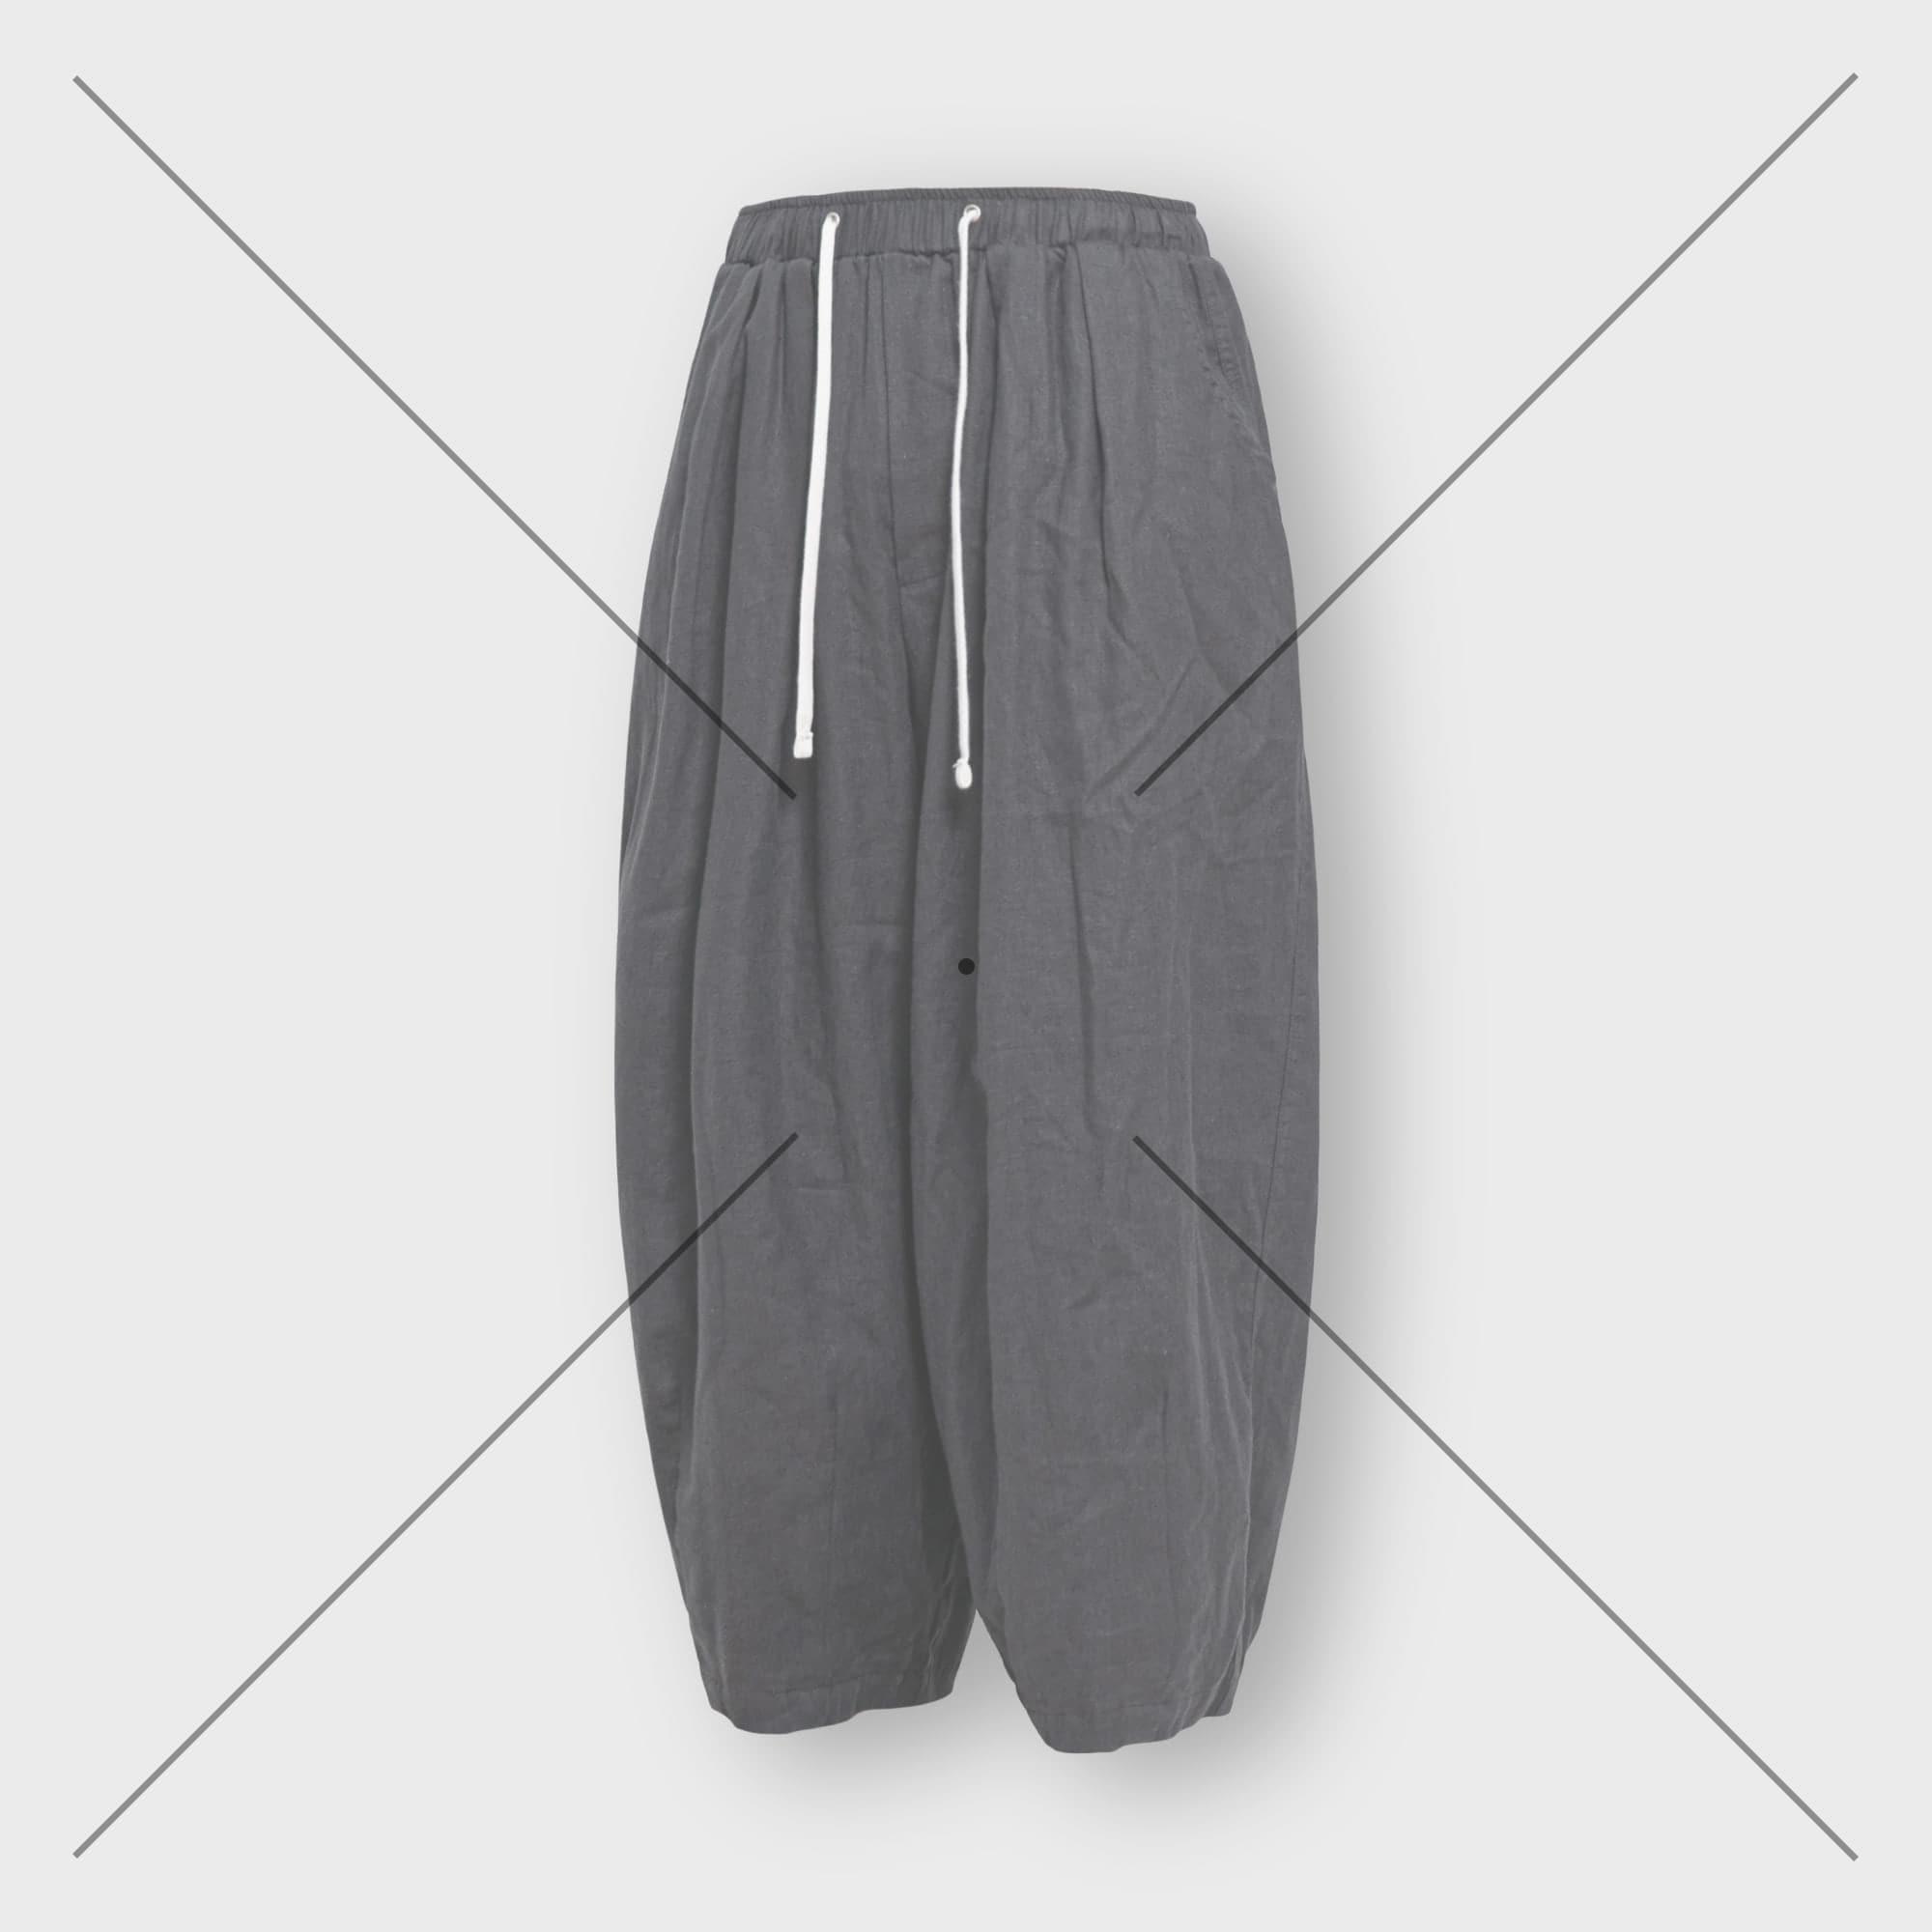 [AG] Hbt Linen Balloon Pants - Charcoal